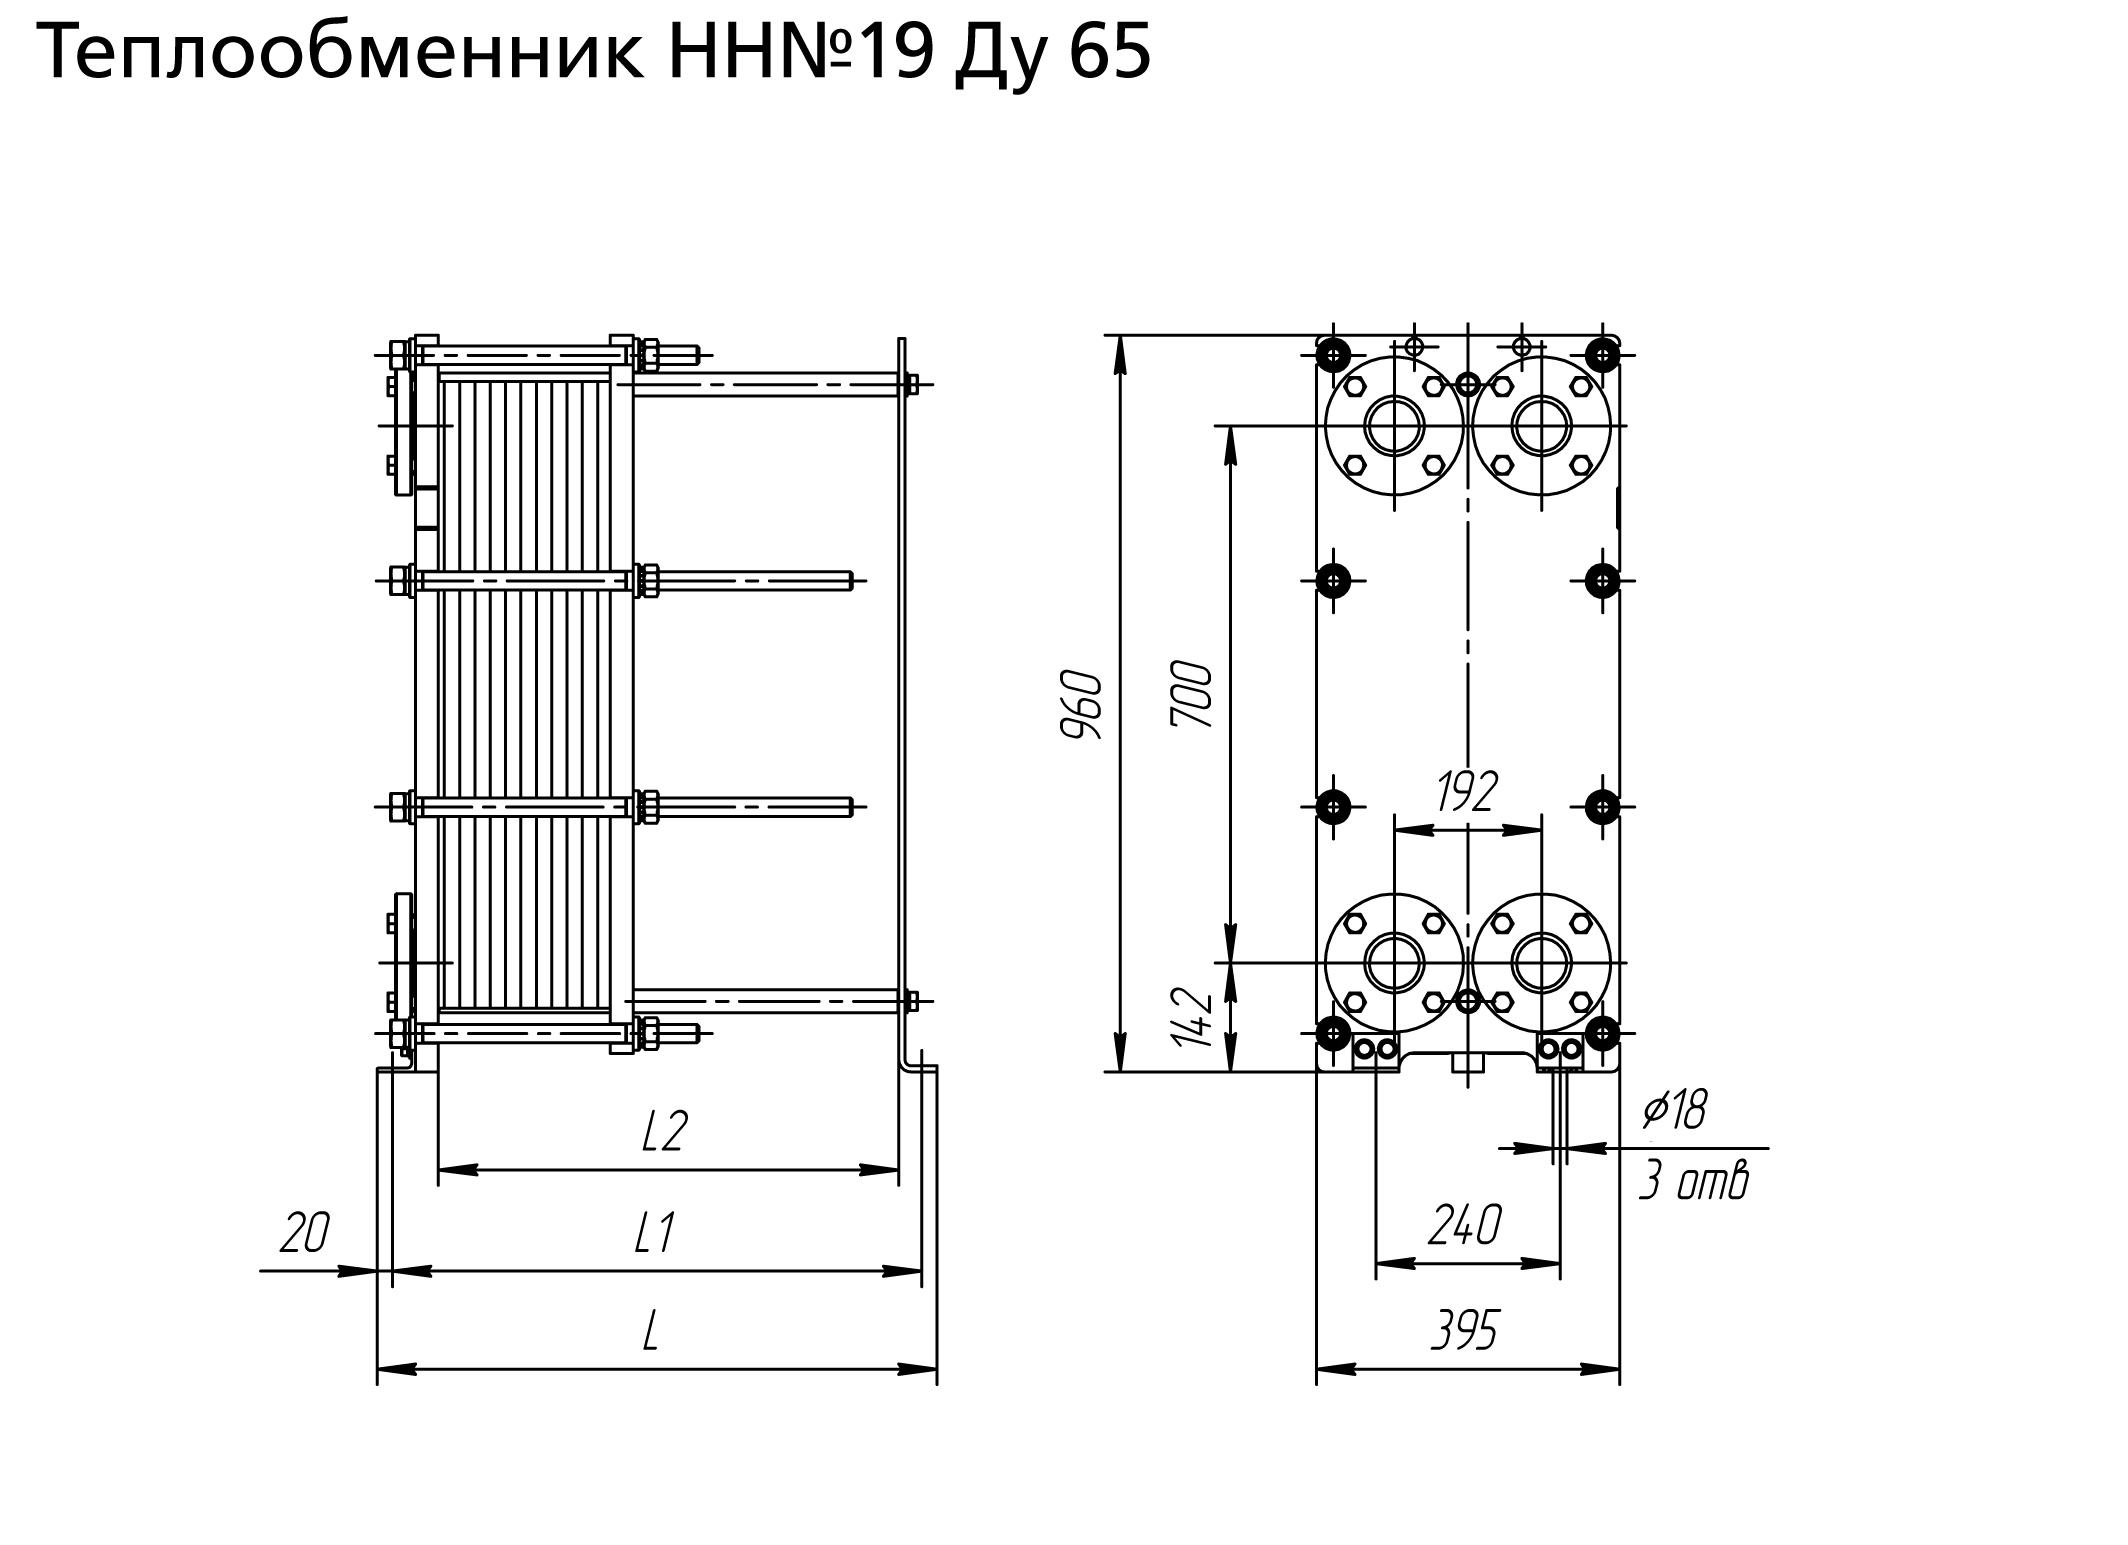 Теплообменник двухступенчатого нн 19а как прочистить теплообменник на двухконтурном котле